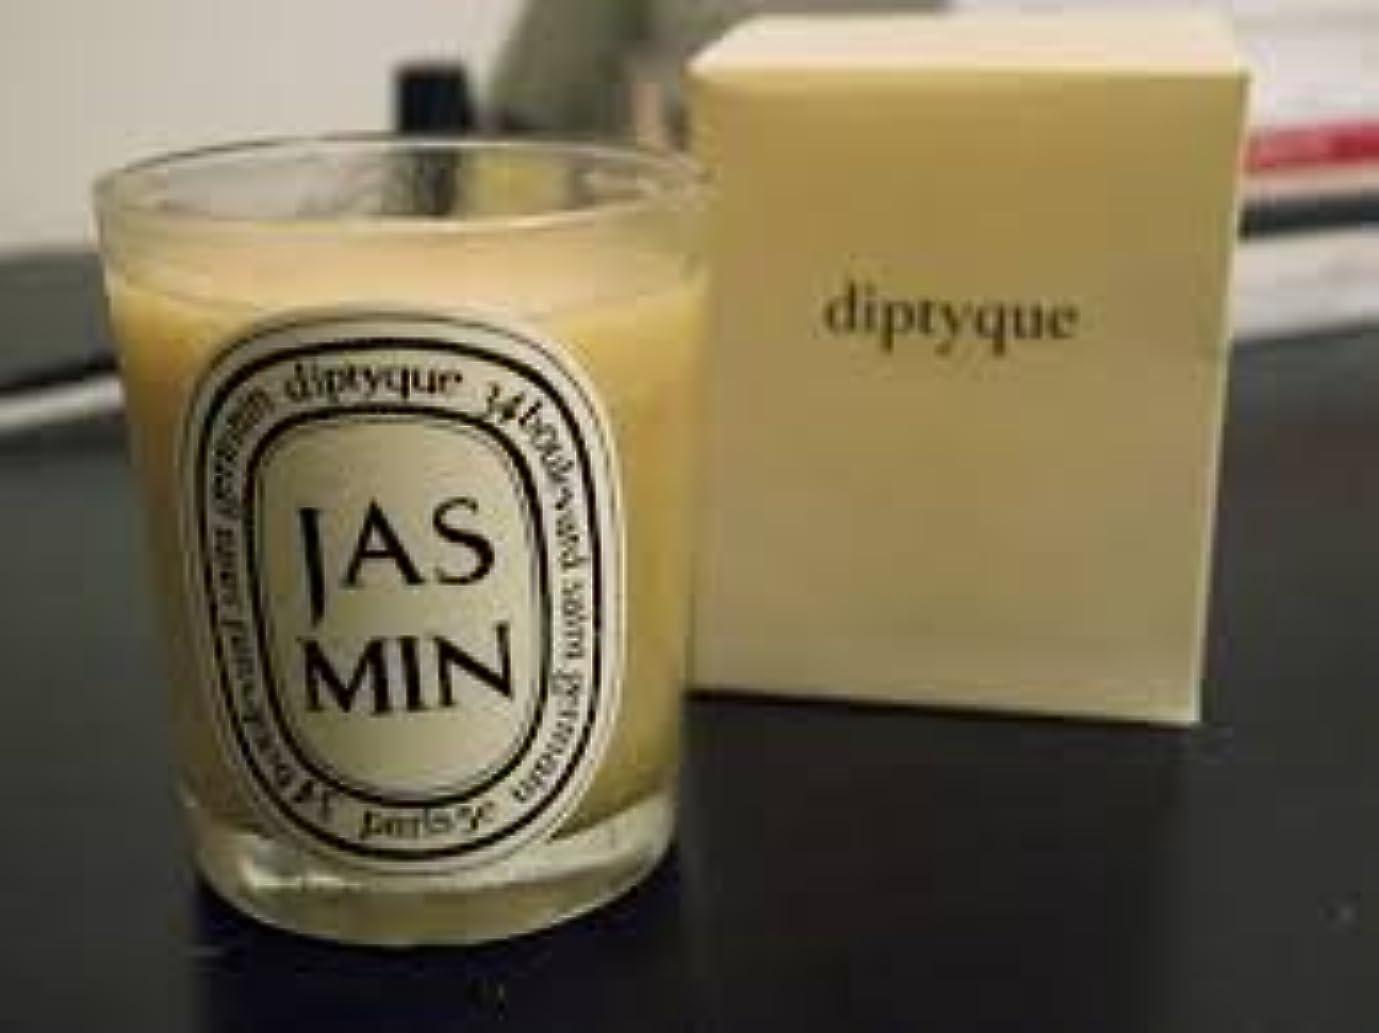 平等残り物有名なDiptyque Jasmin Candle (ディプティック ジャスミン キャンドル) 2.4 oz (70g)